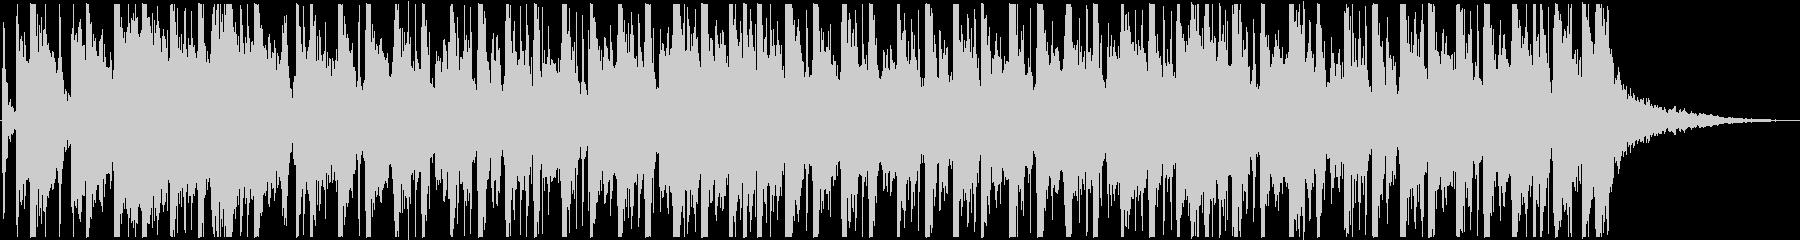 コーナータイトル_シティポップ30秒Aの未再生の波形